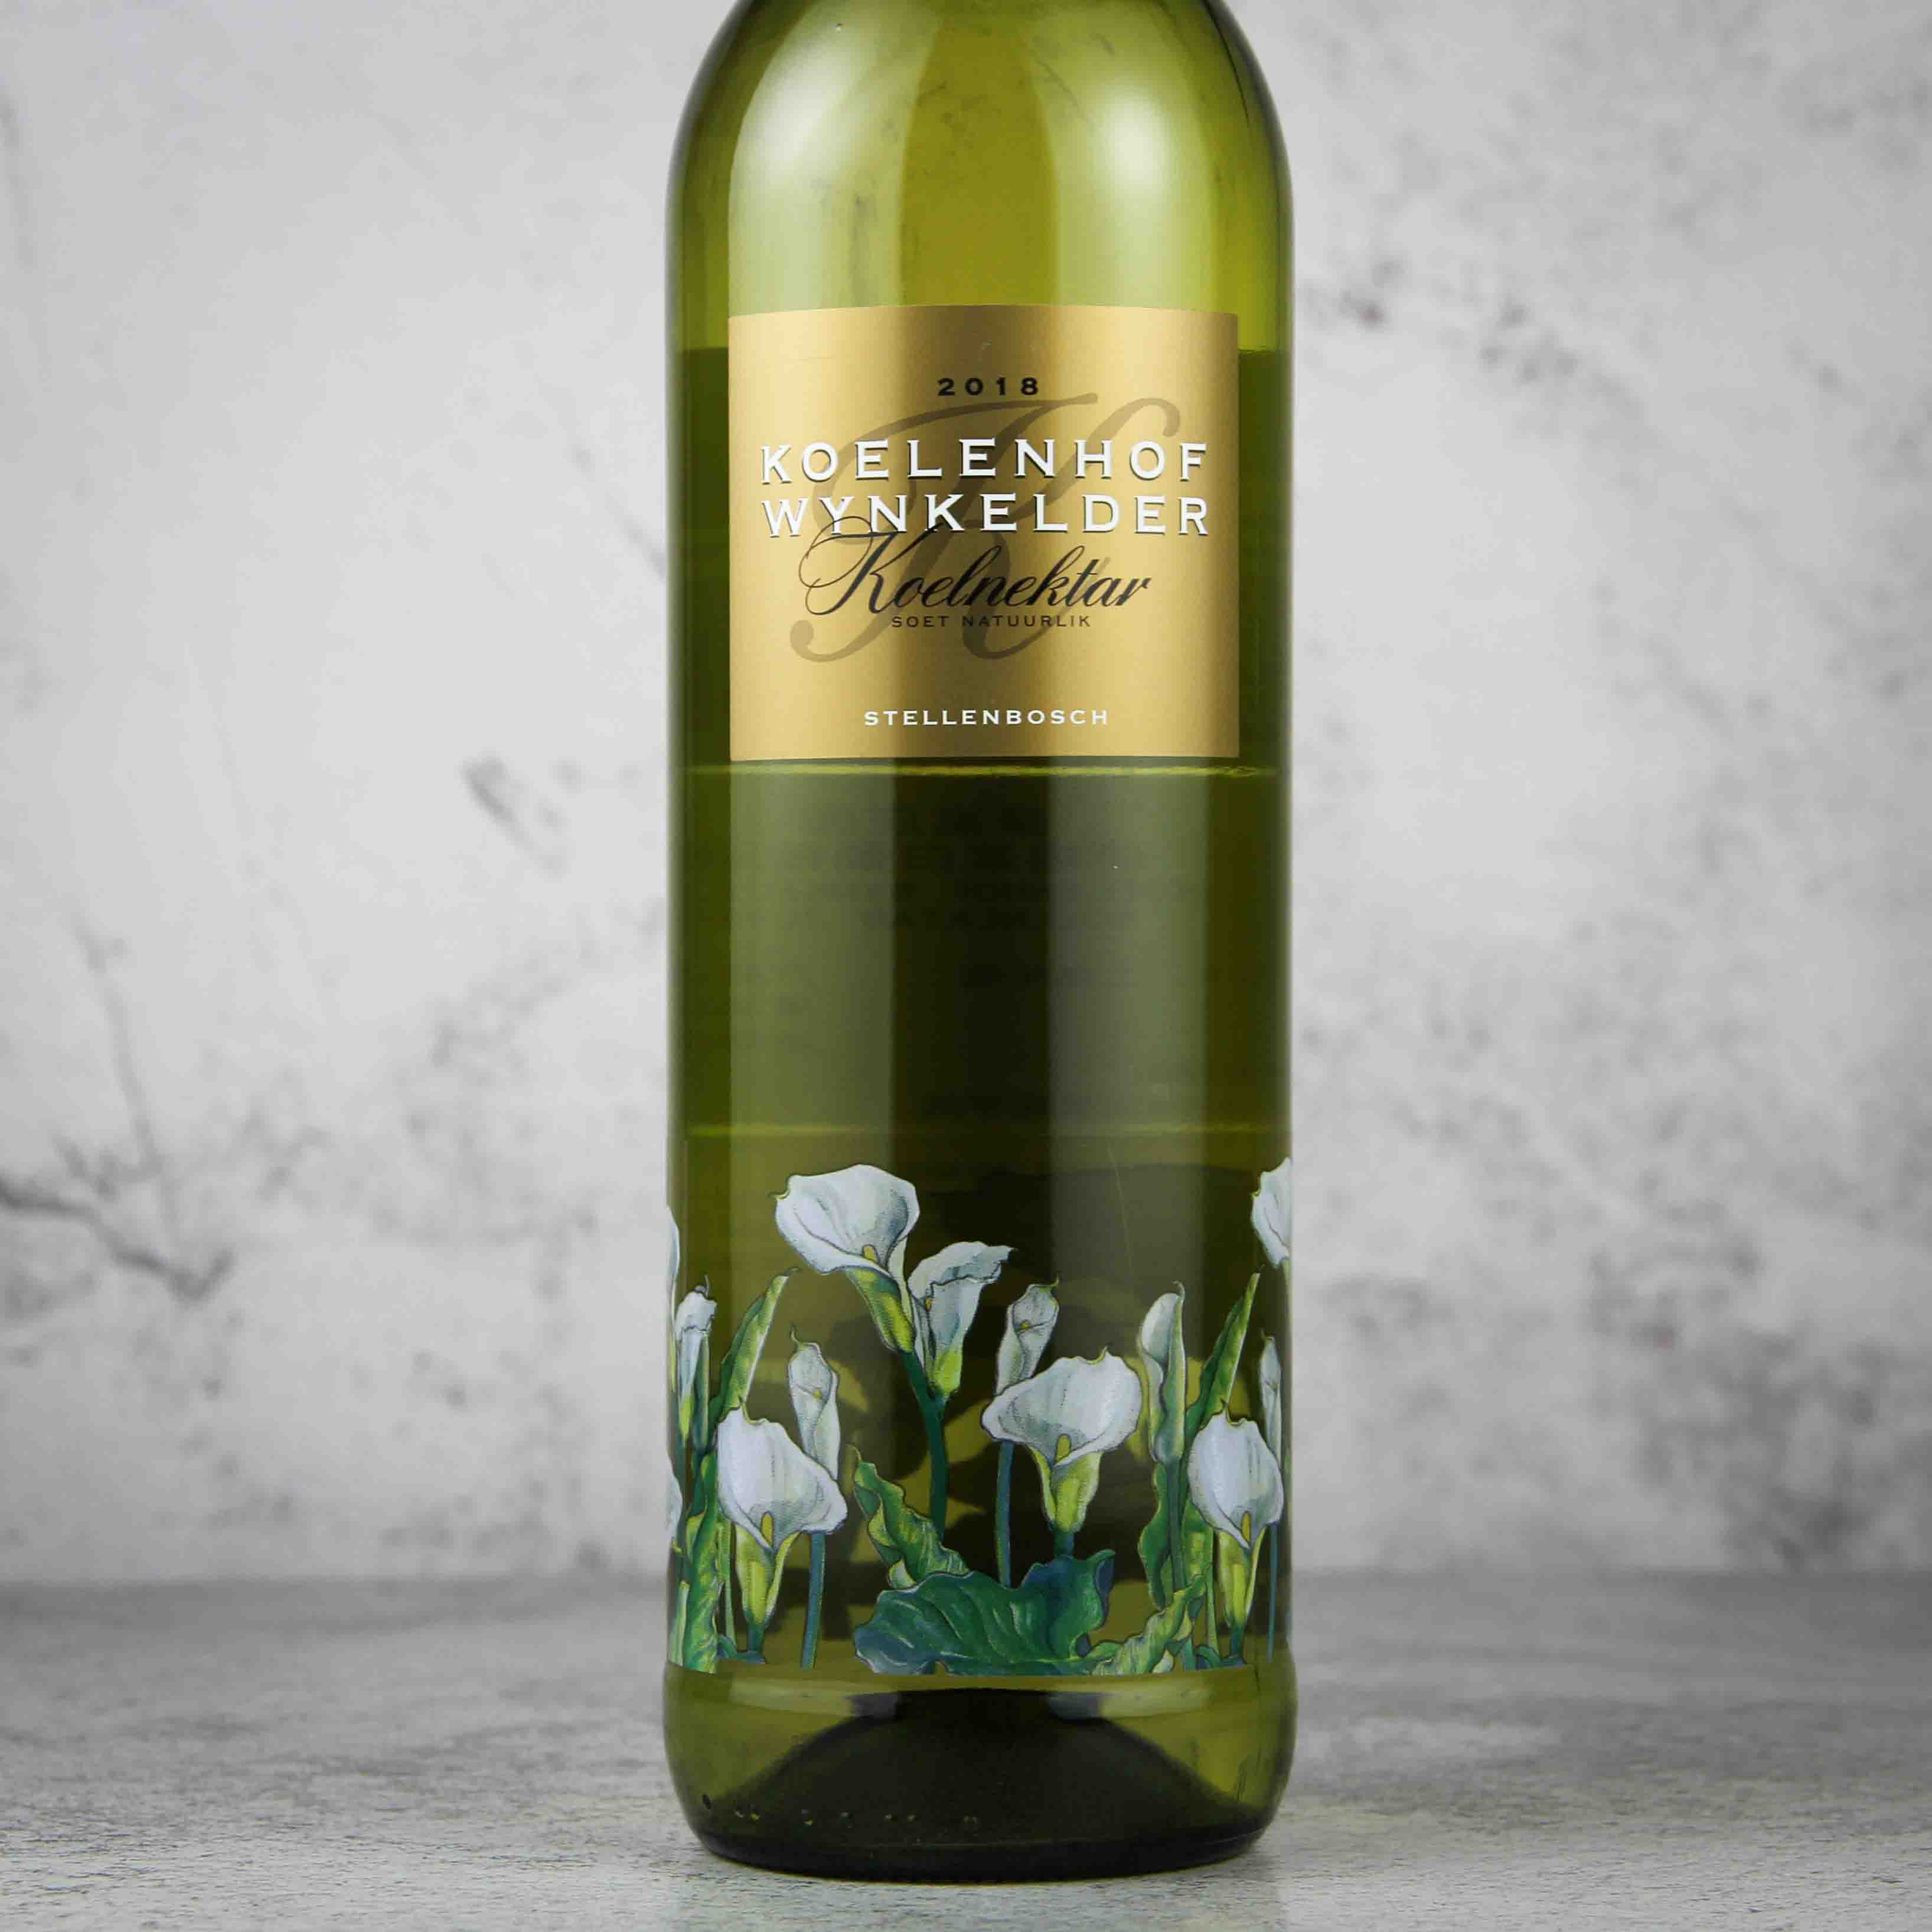 南非斯泰伦博斯豪富庄园琼瑶浆半甜白葡萄酒